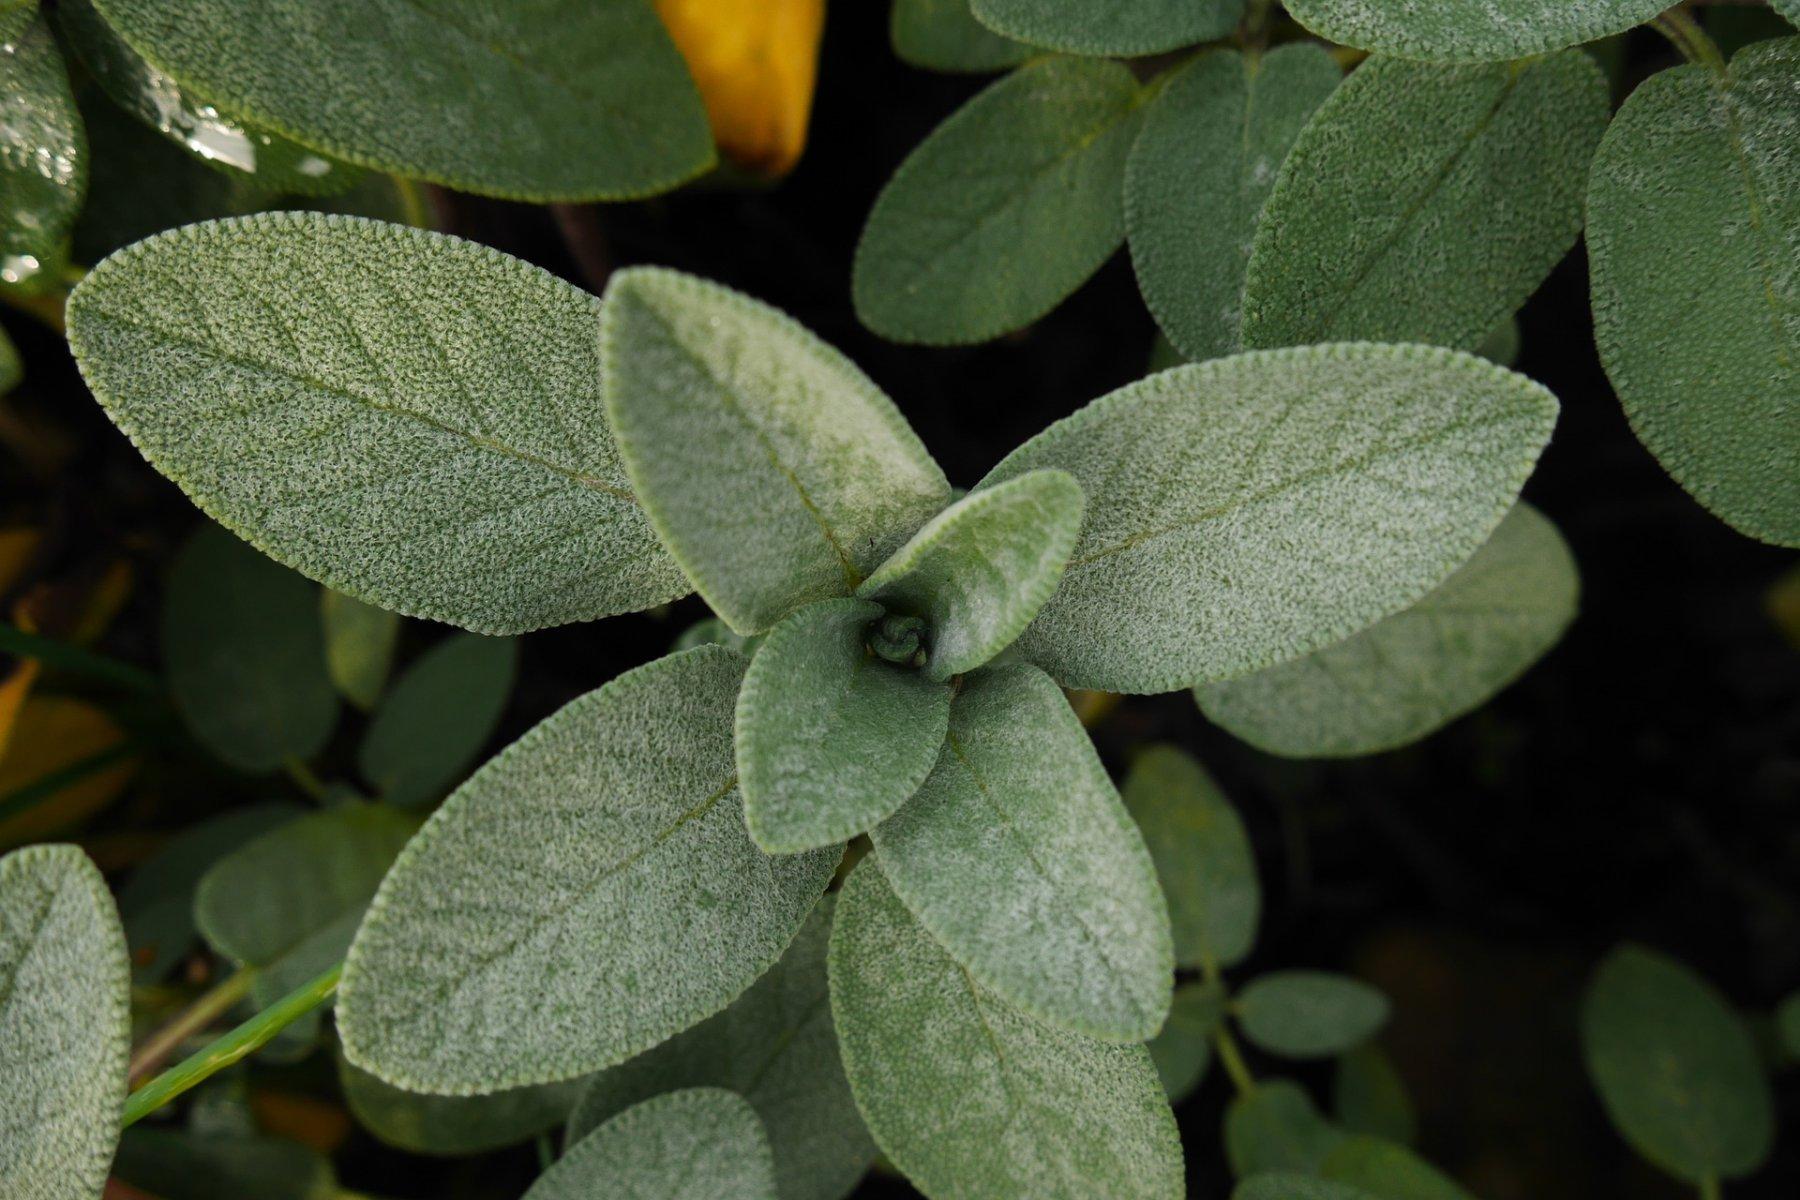 Salbeiblätter frisch aus der Natur